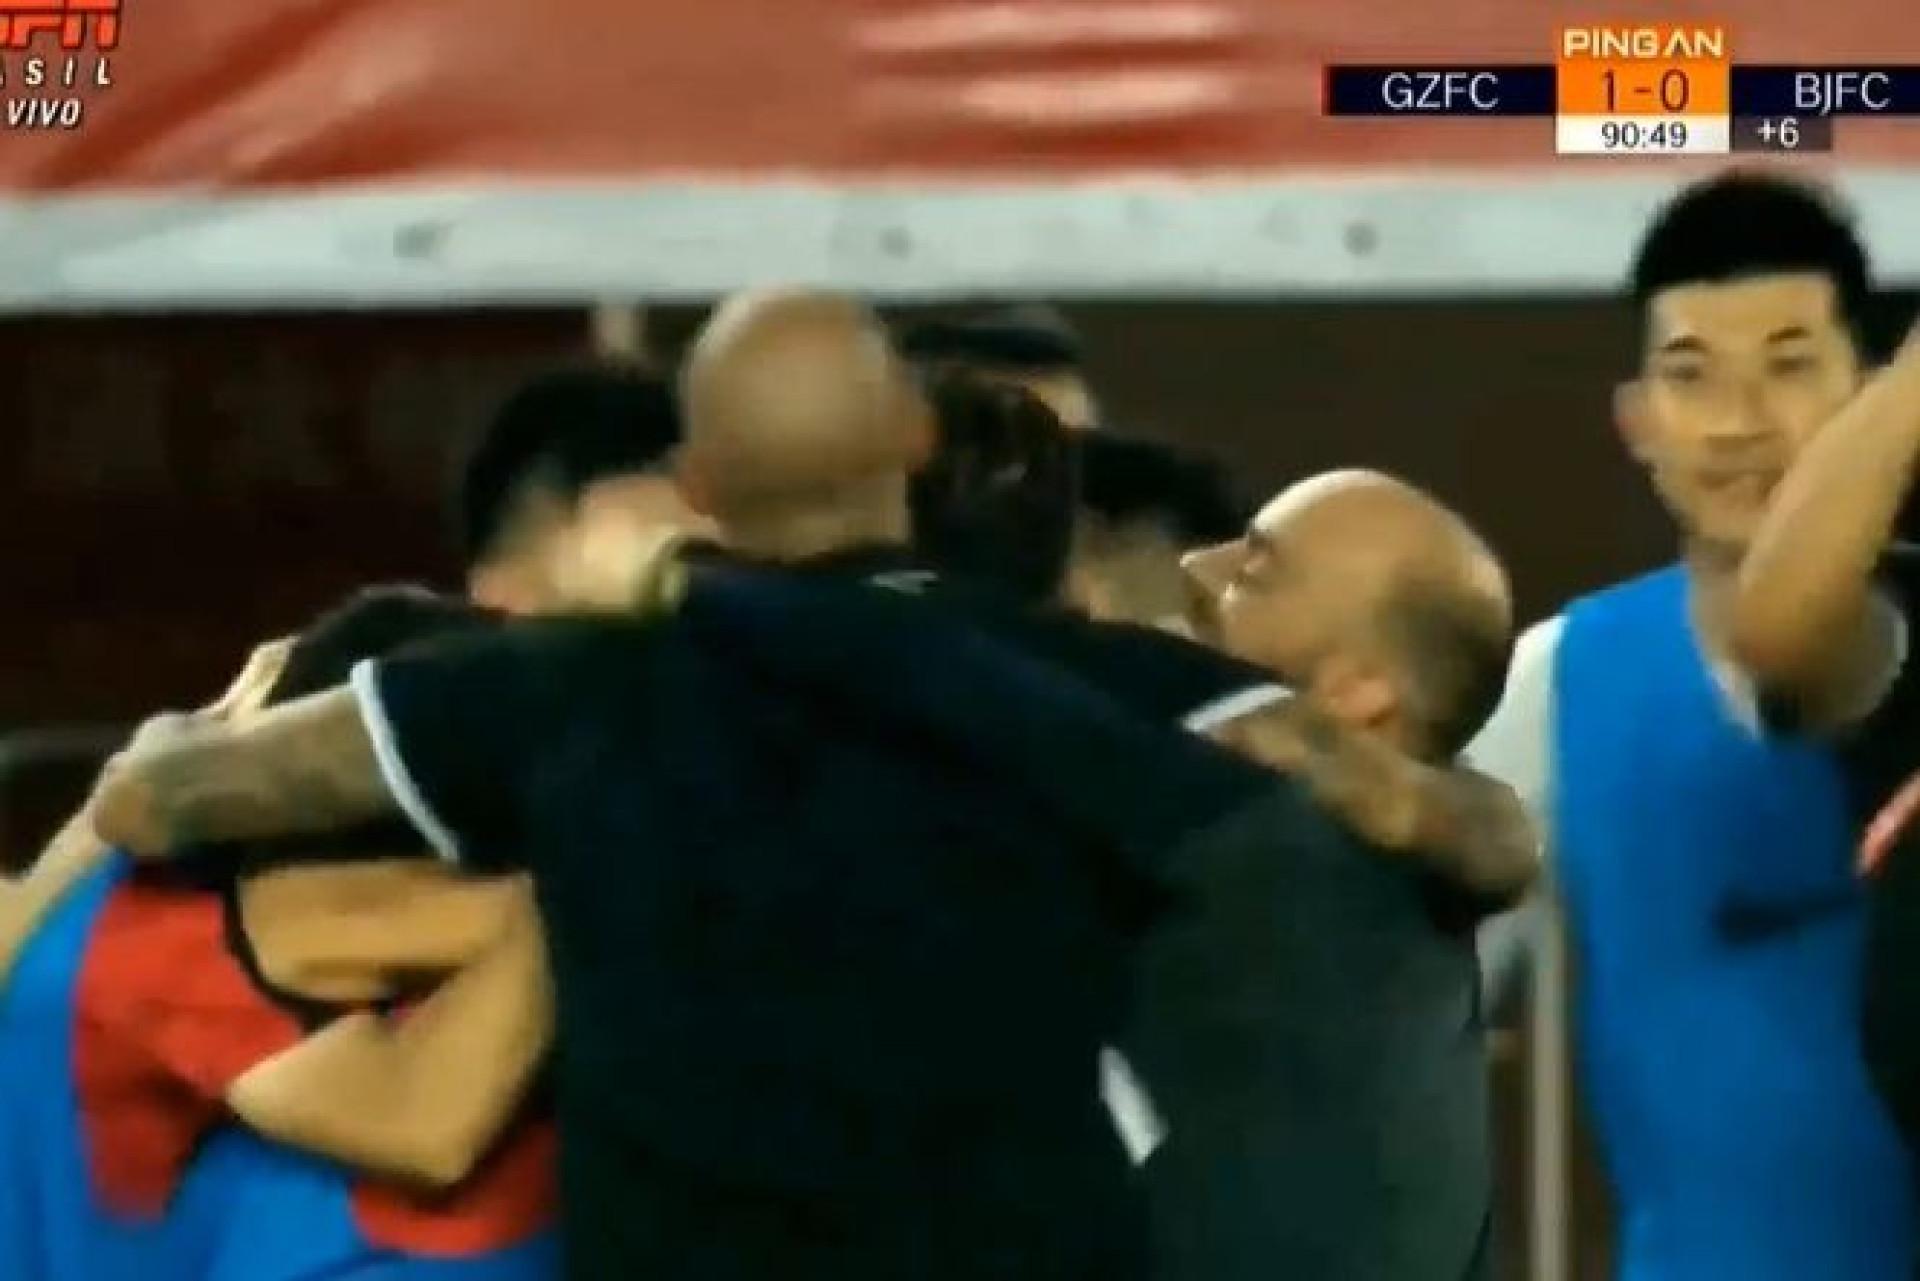 Talisca volta a marcar e oferece triunfo ao Guangzhou já nos descontos